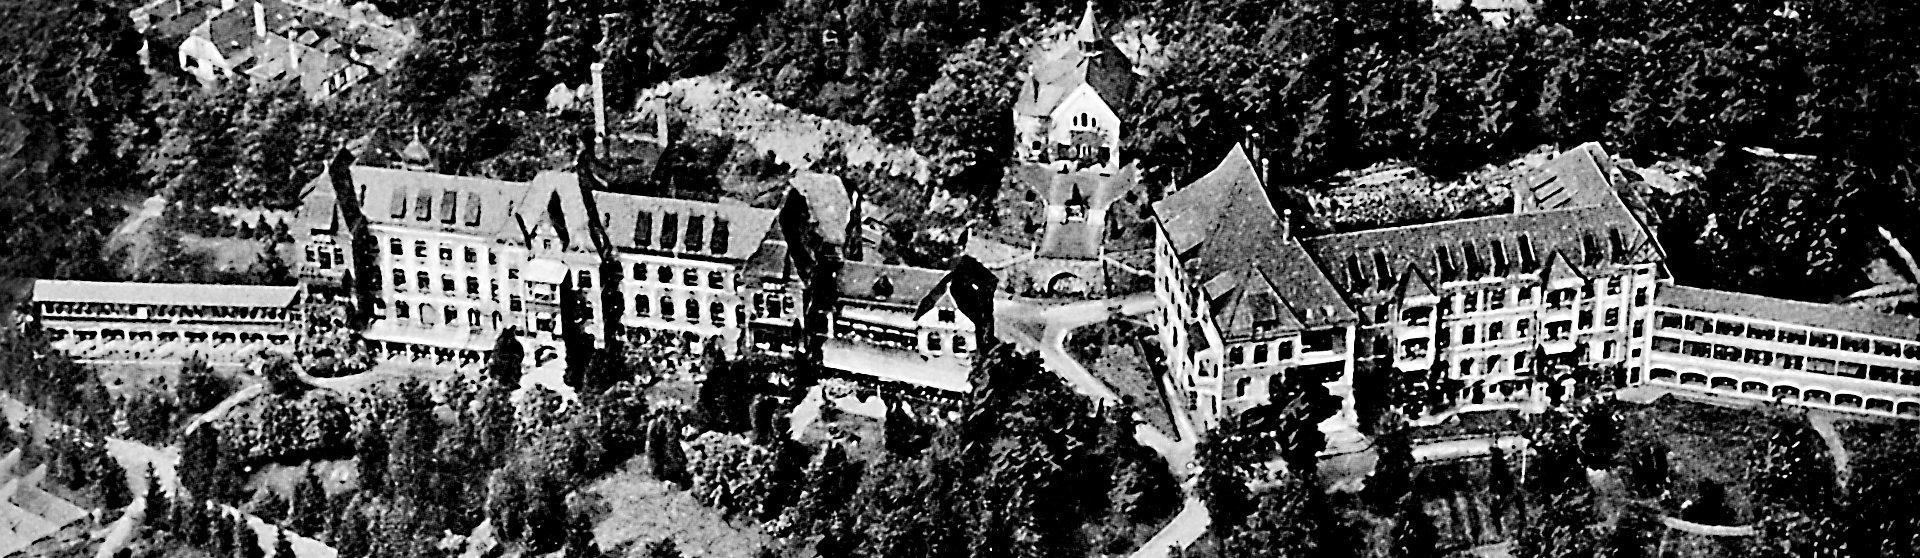 Sanatorium-1.jpg